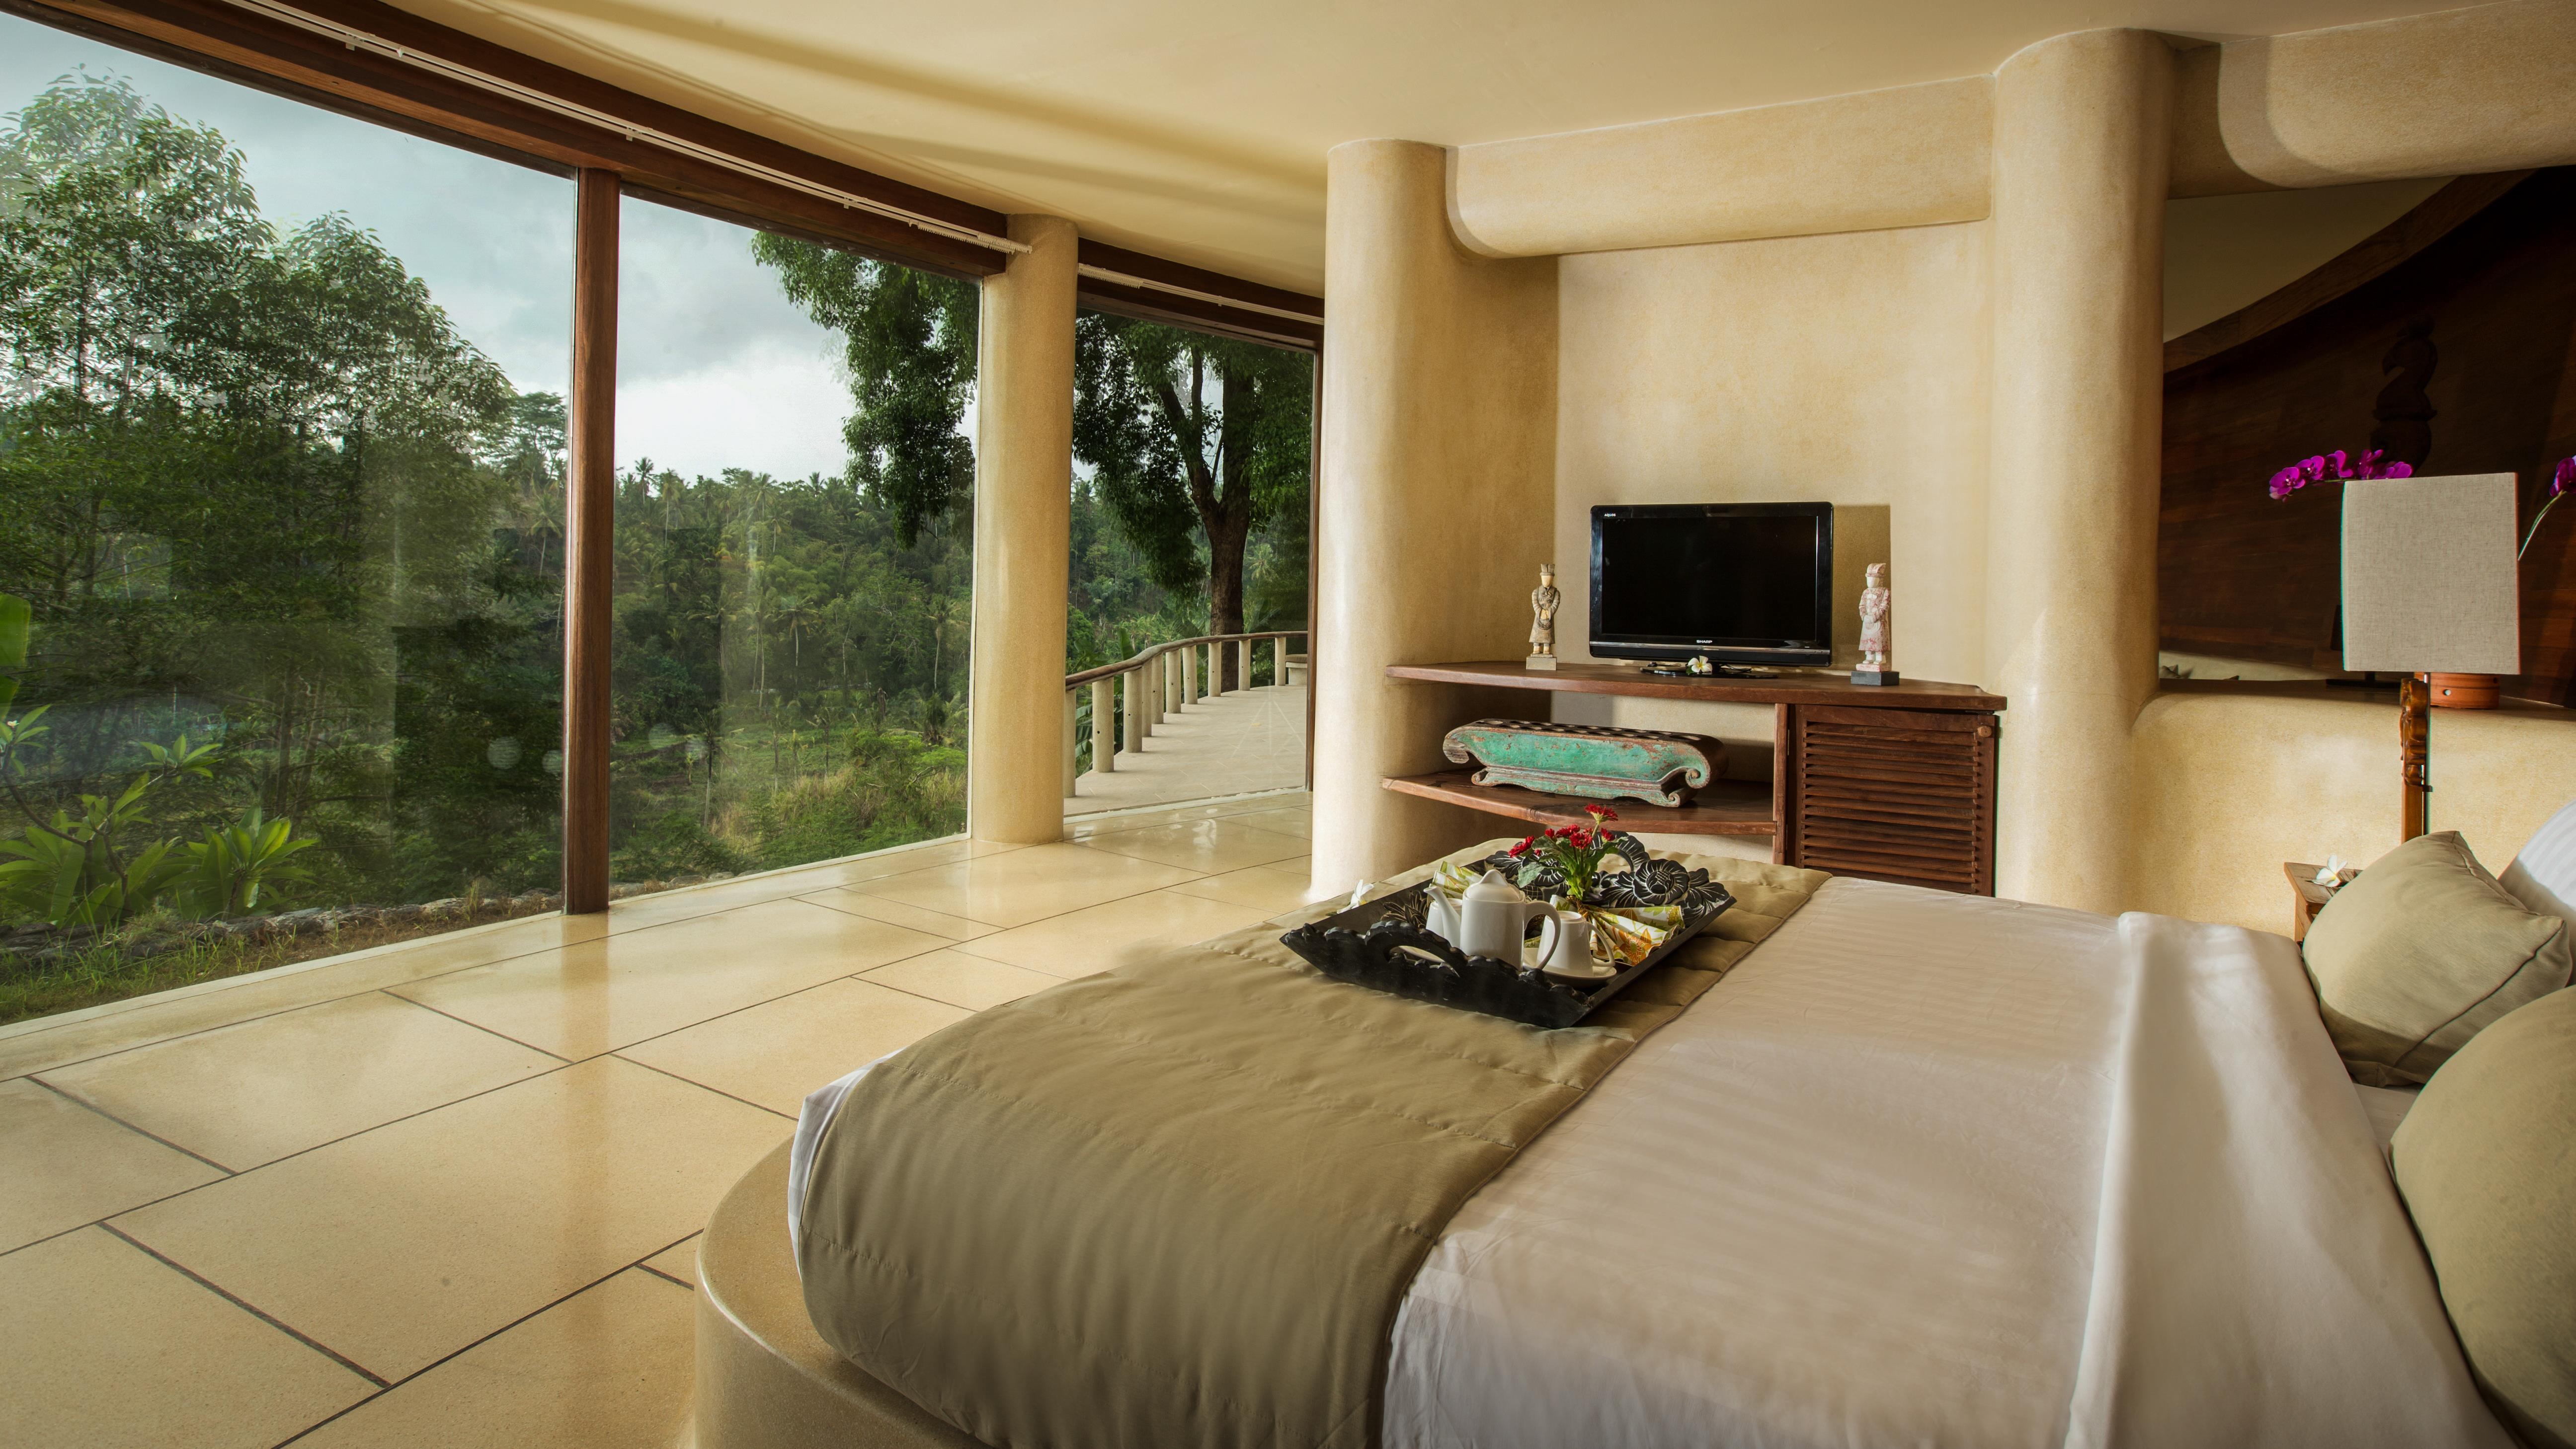 Up Stairs Bedroom - Villa Kamaniiya - Ubud, Bali